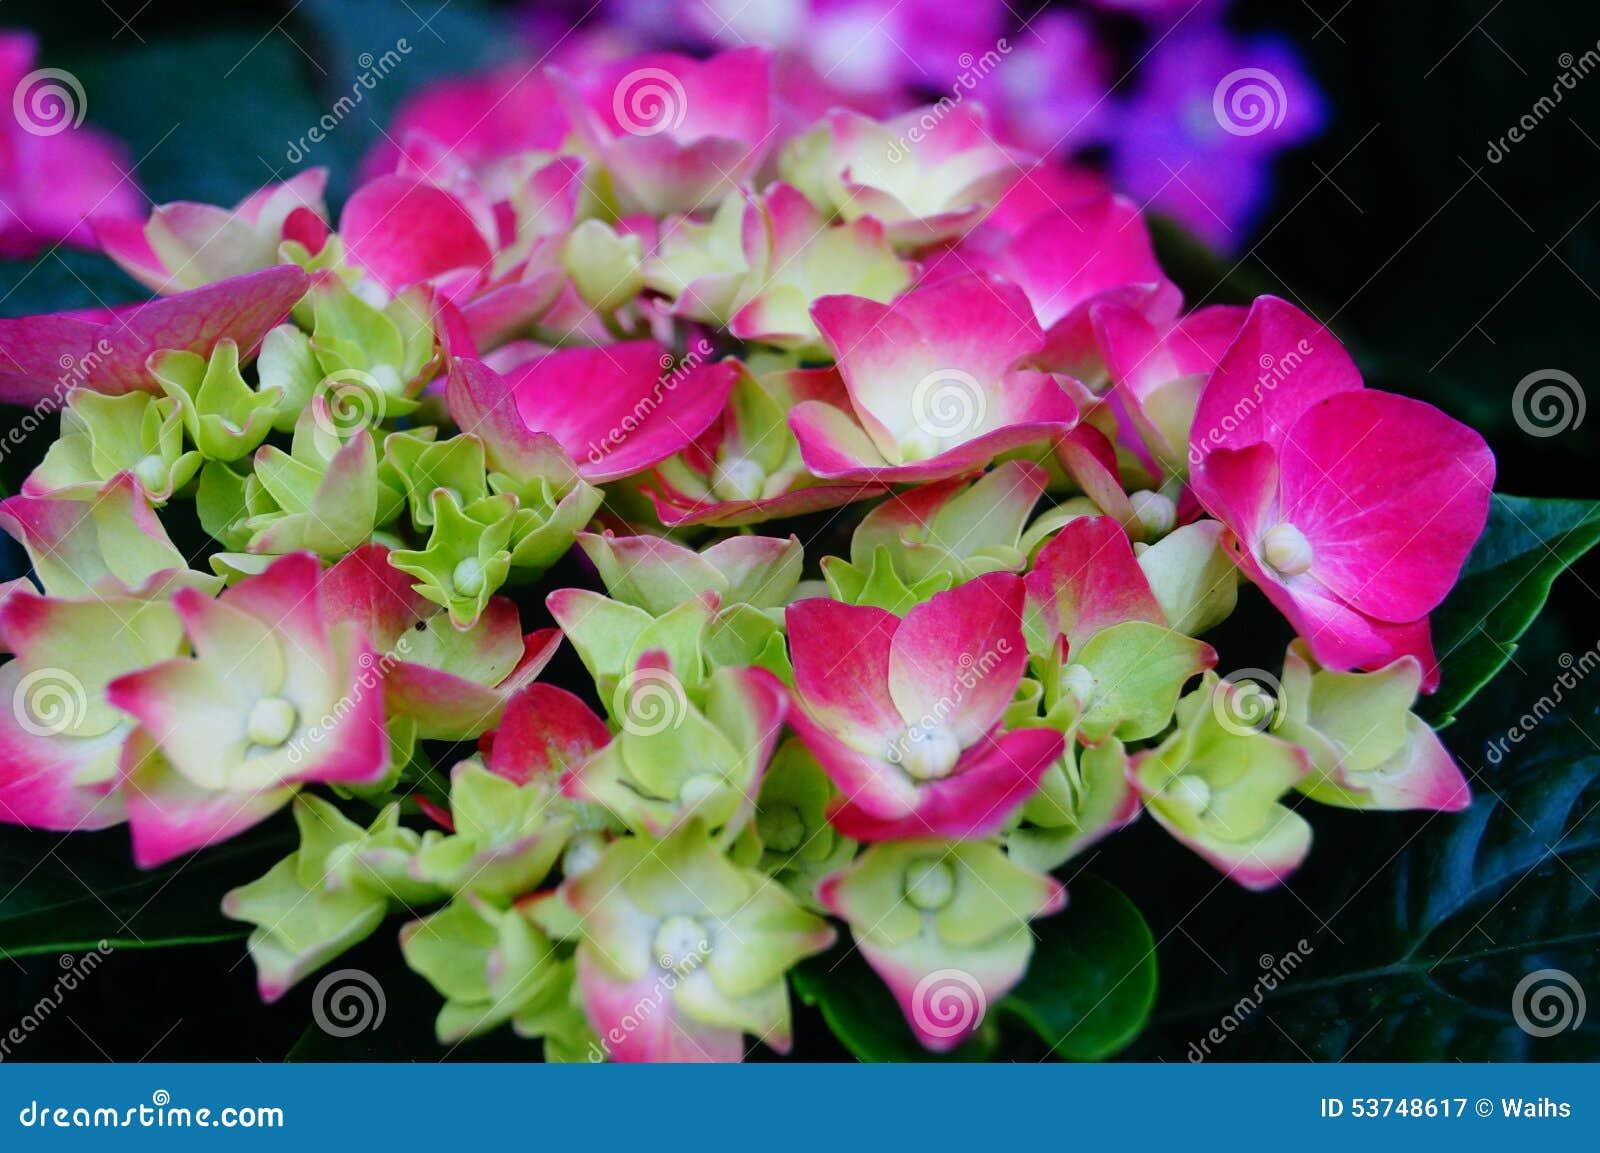 Lily Flower Garden Shop Sale Petals Plant Natural Landscape Tourism Background